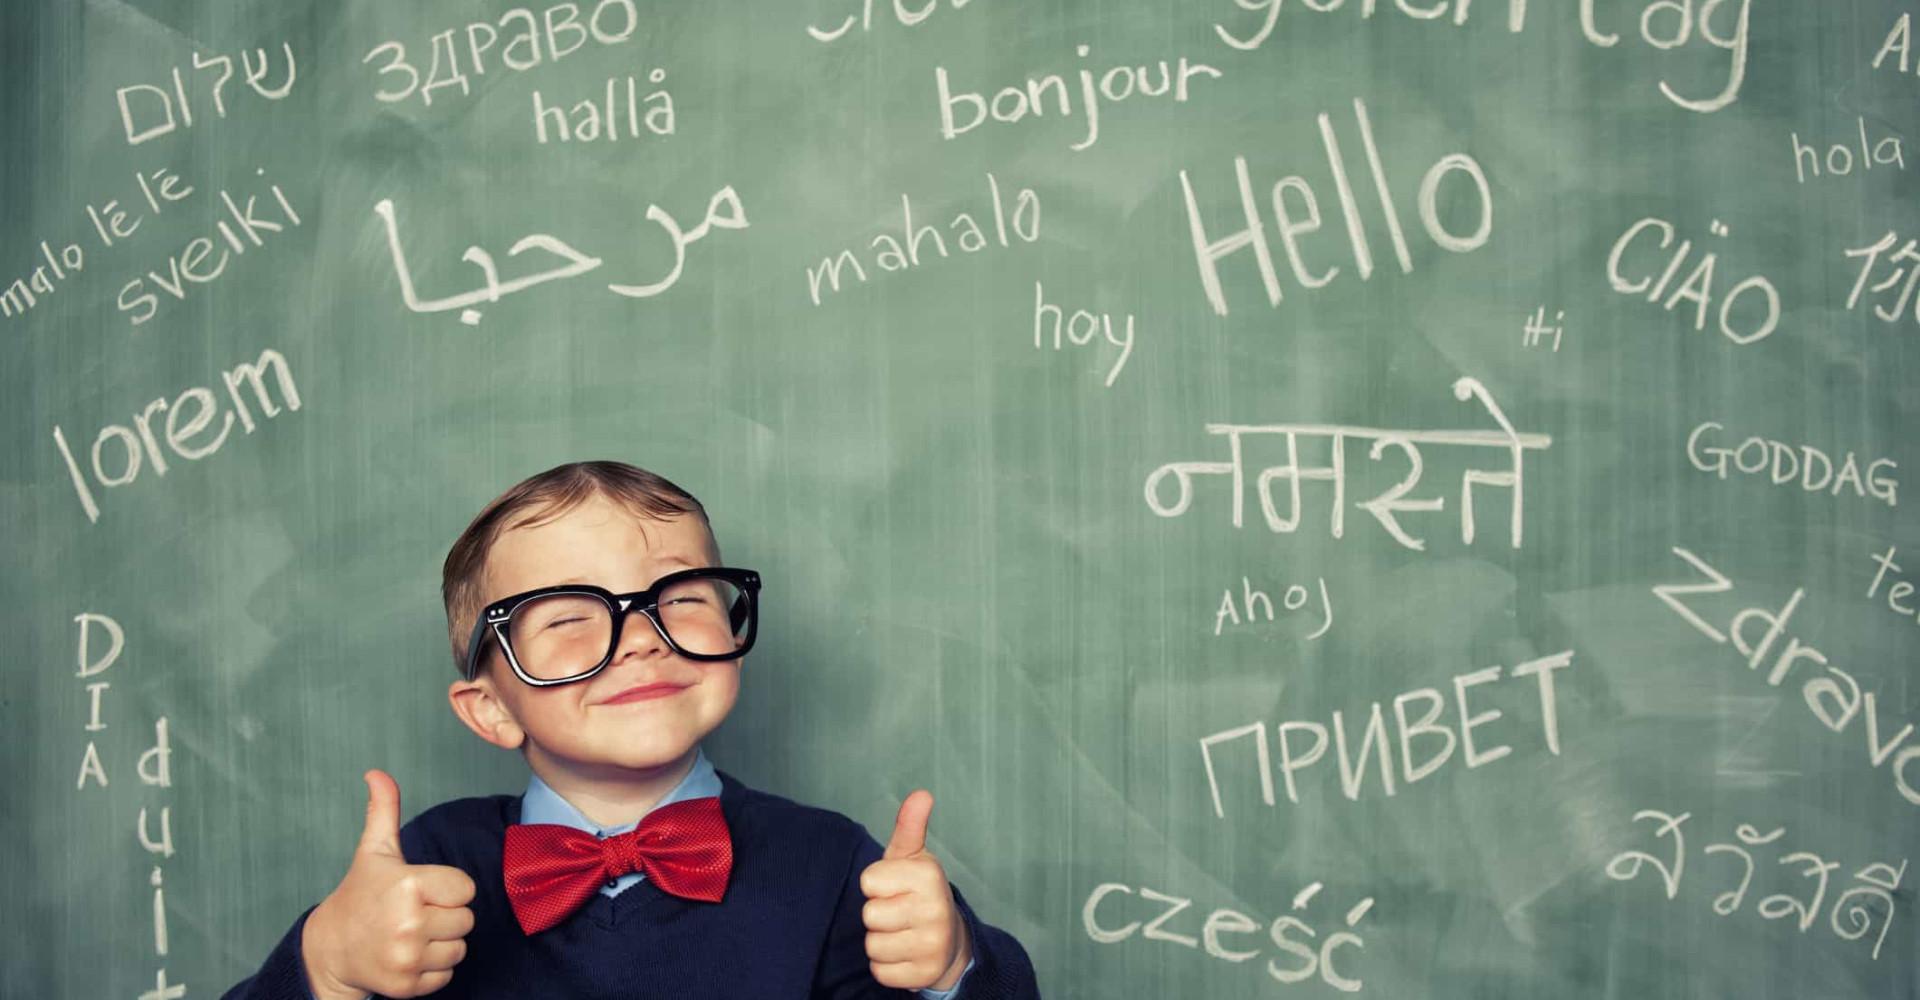 Apprendre une nouvelle langue: comment parler comme un natif?